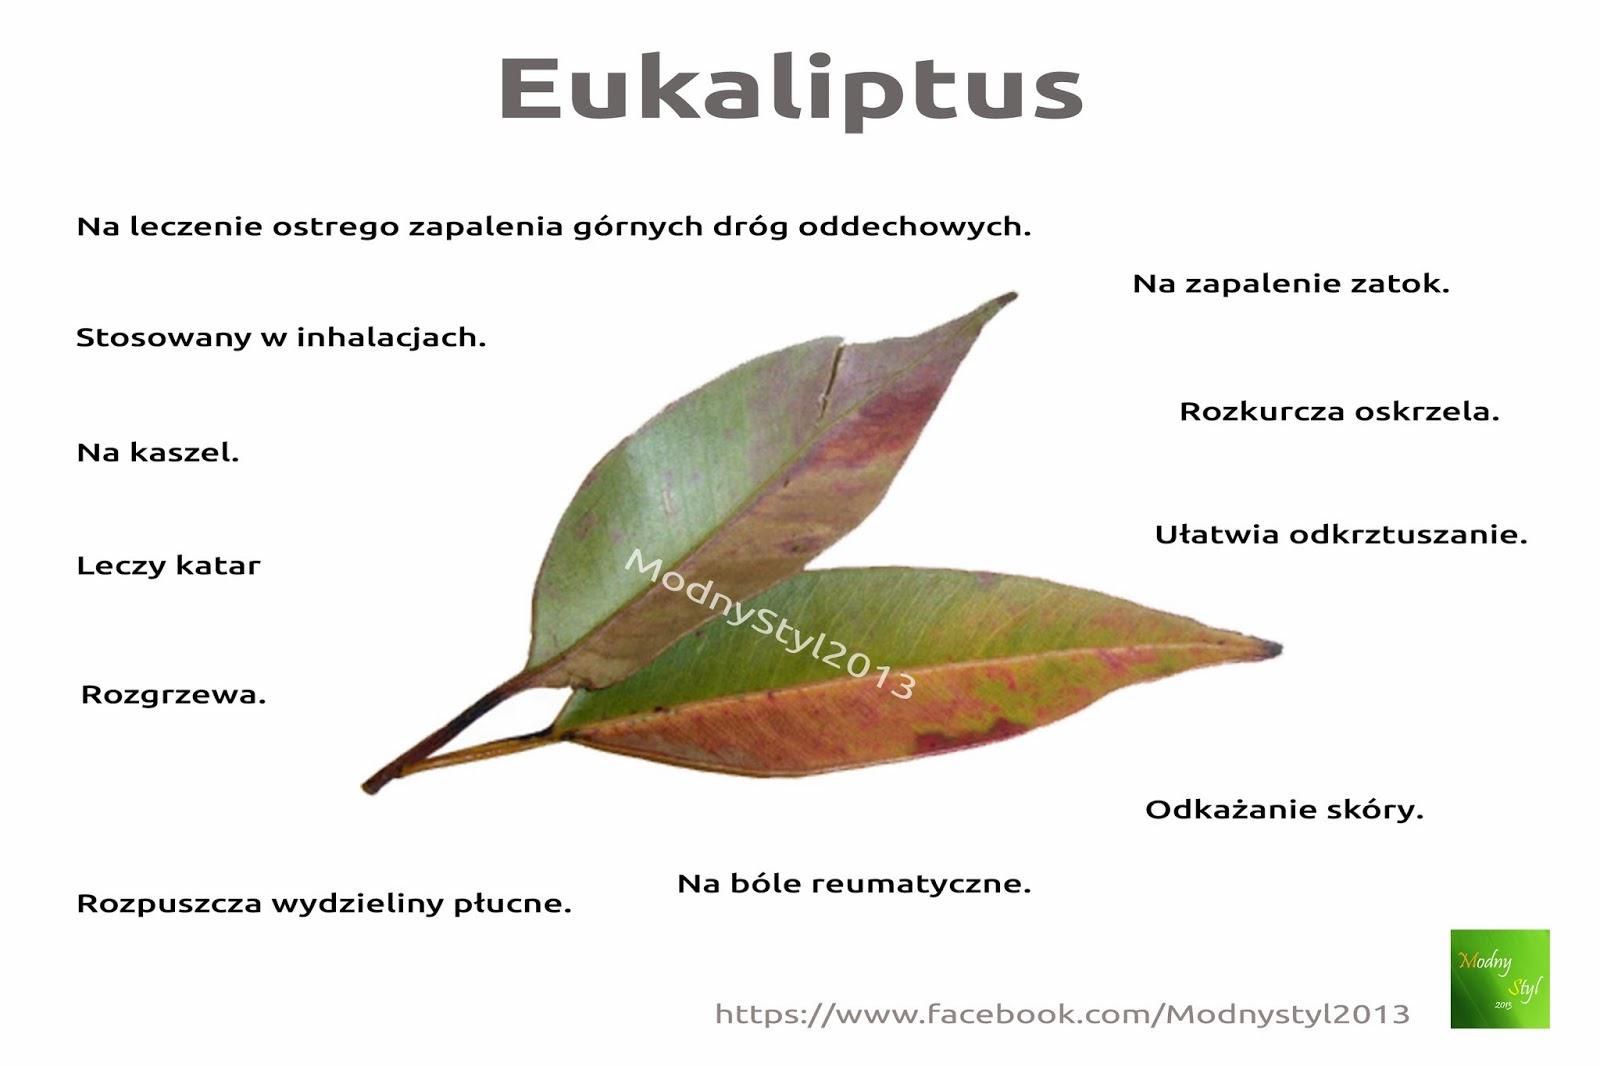 Na ratunek eukaliptus